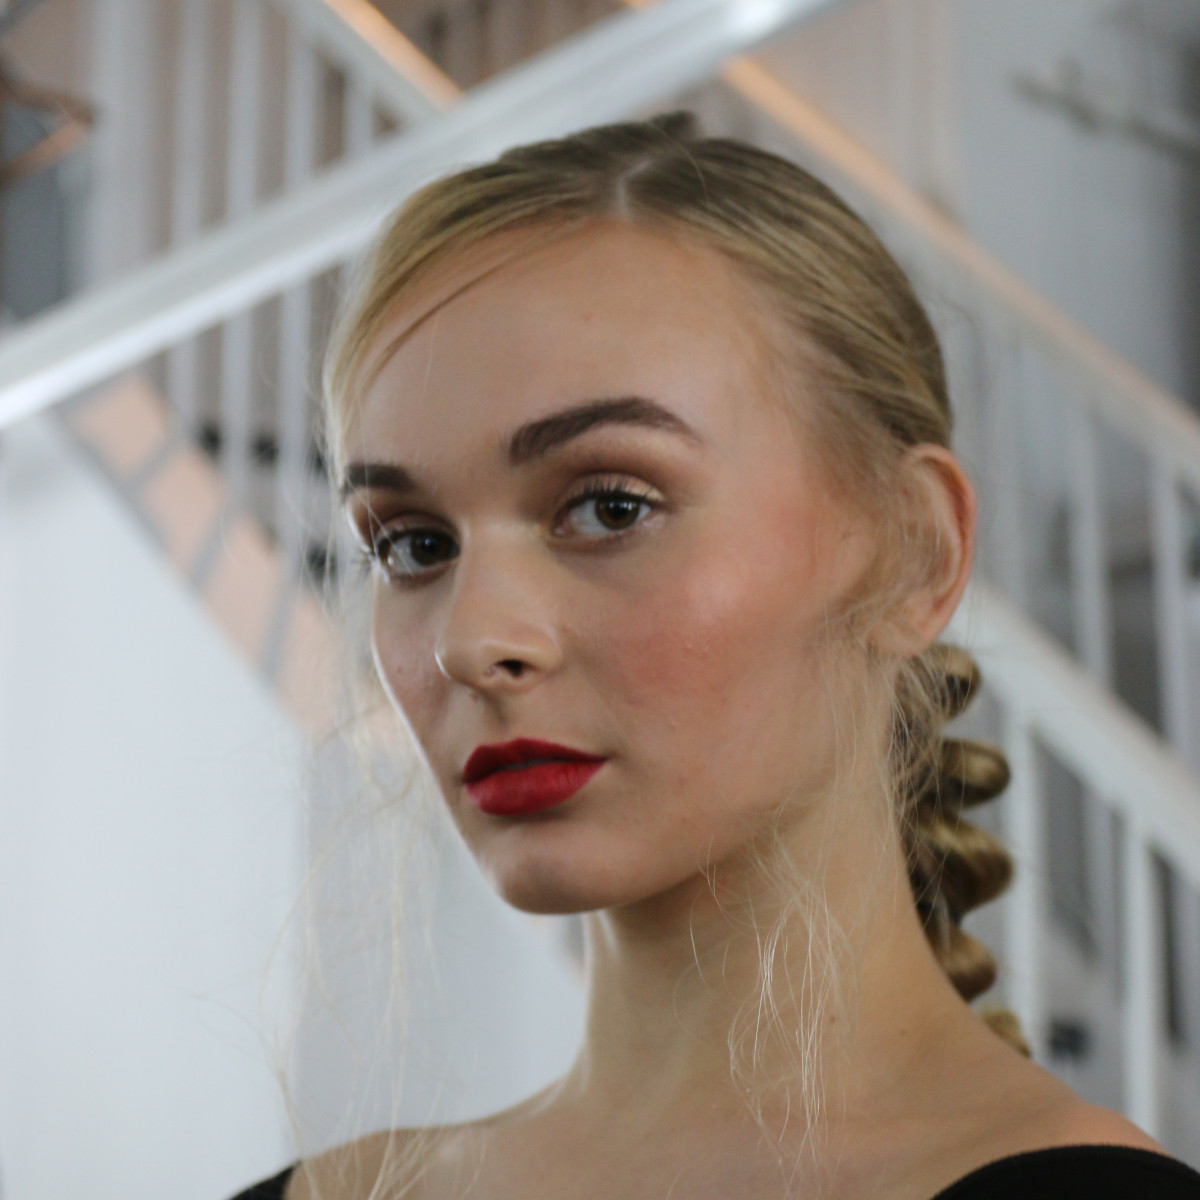 Model Chloe Kissner